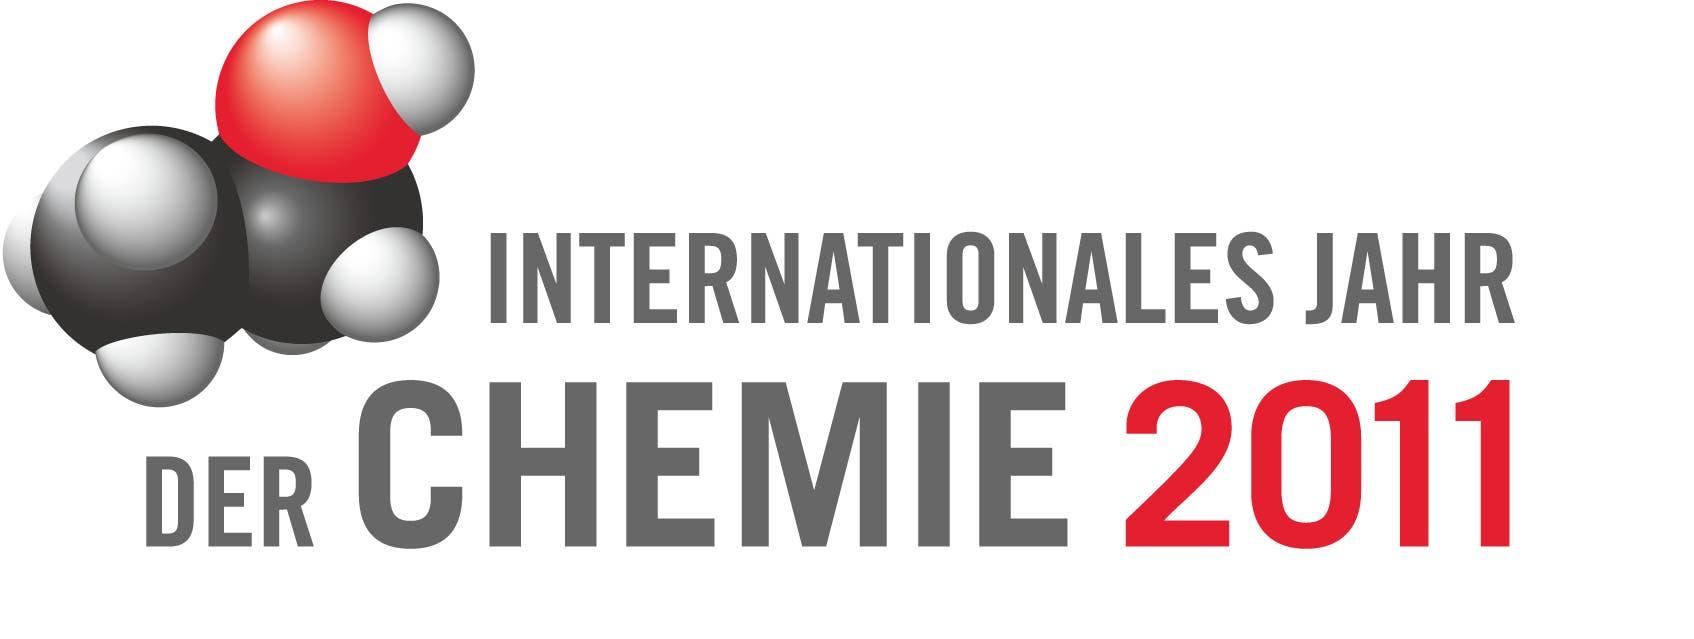 Jahr der Chemie2011